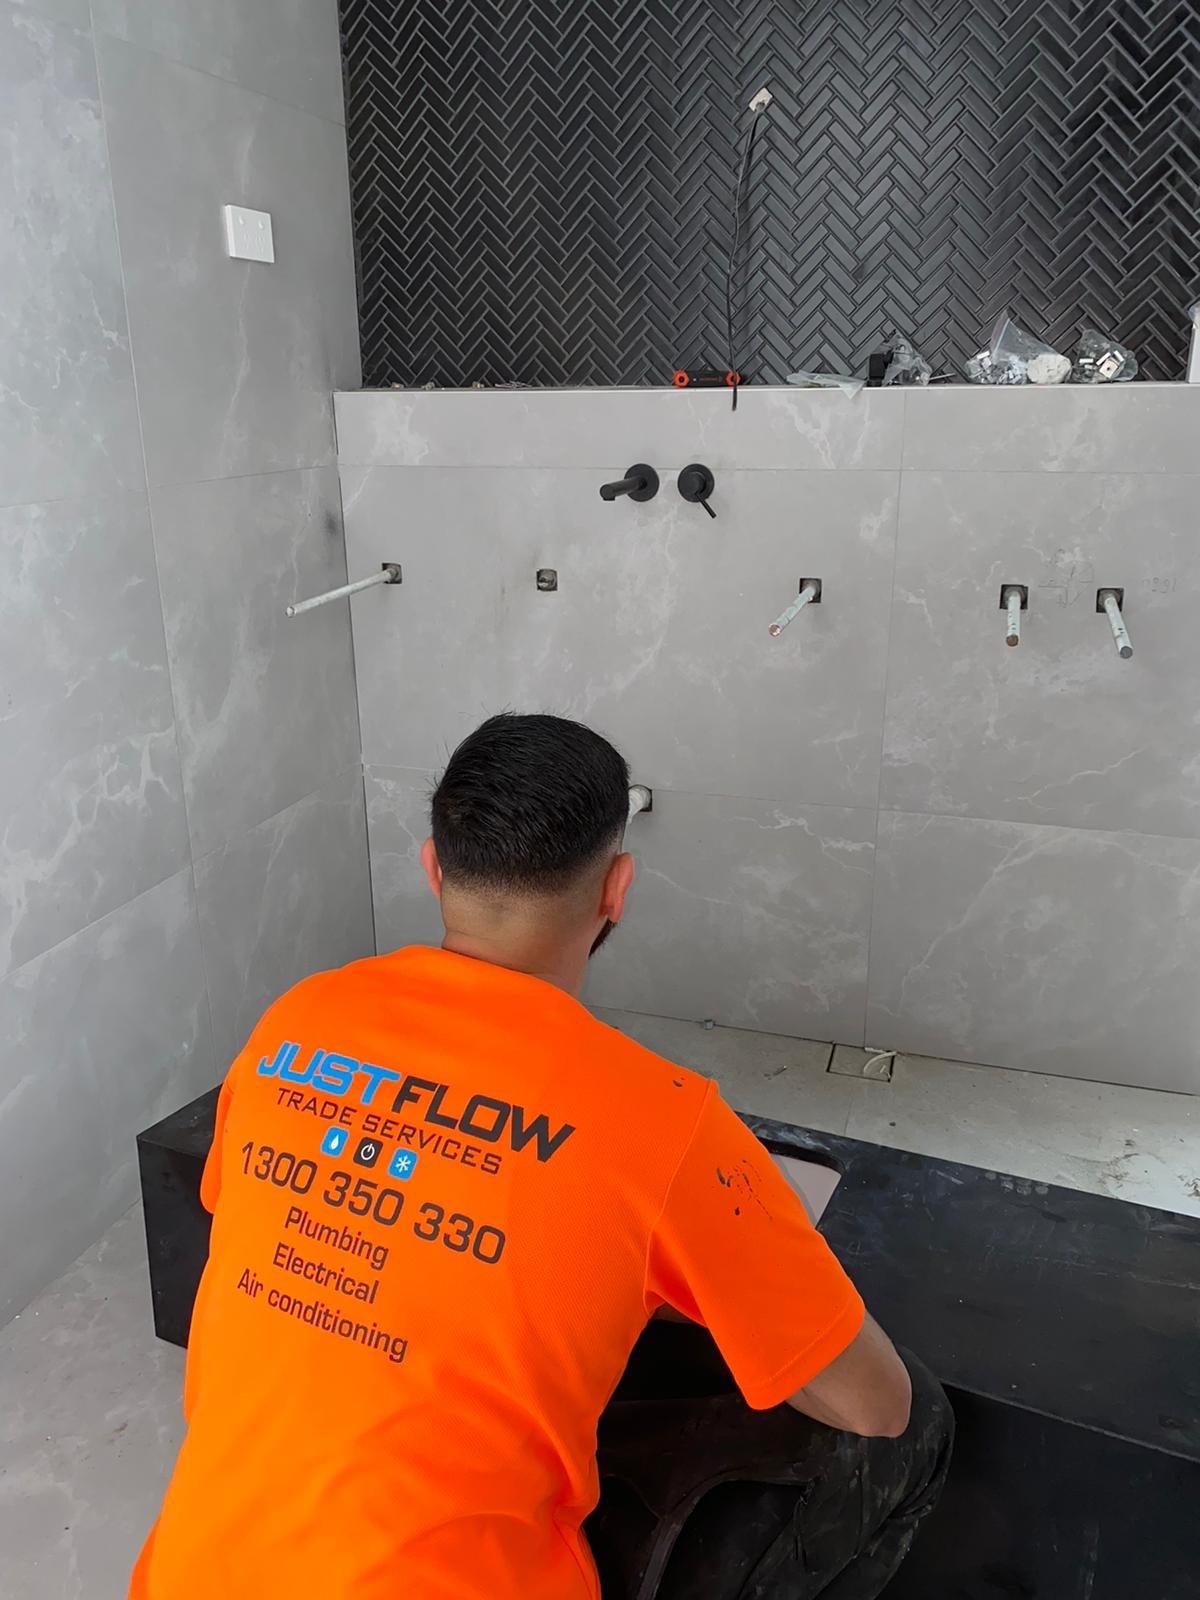 Justflow Plumbing Services Bathroom vanity Installations Tap Mixer installation